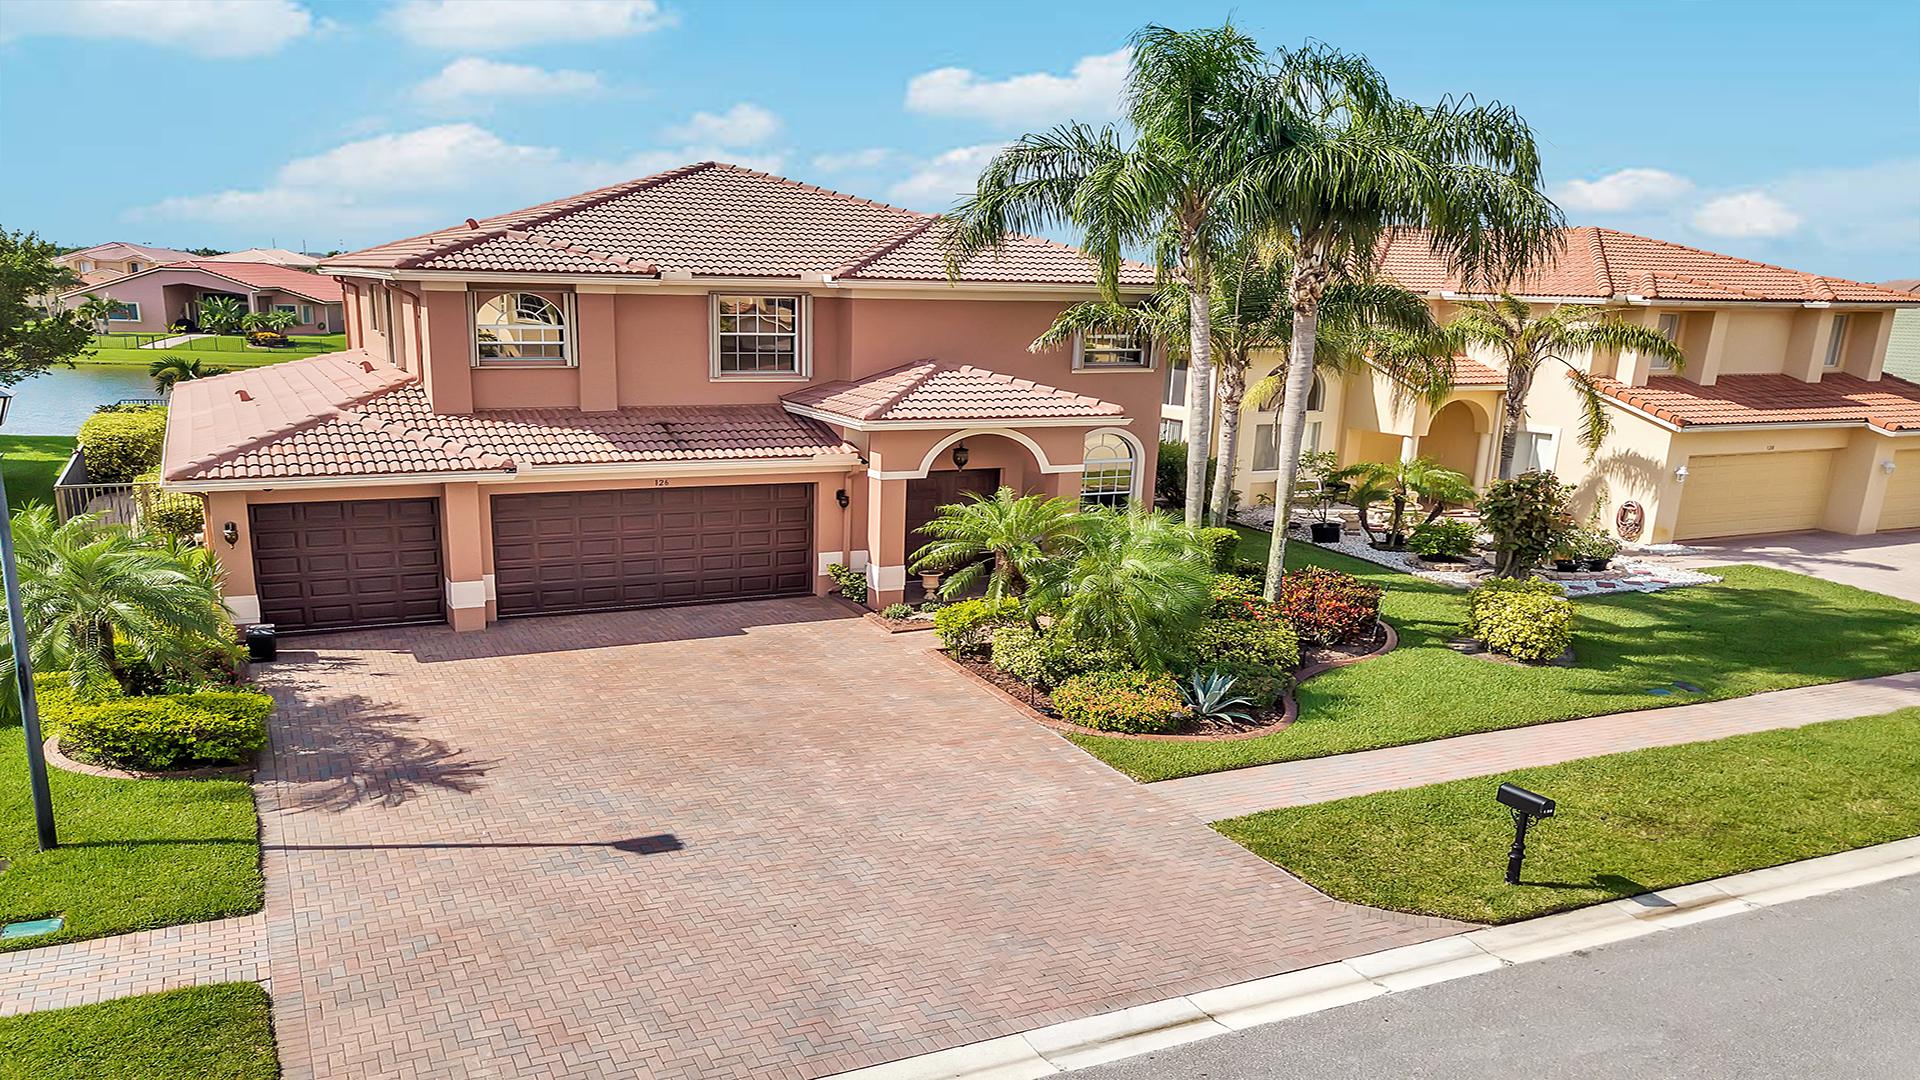 126 Tuscany Drive Royal Palm Beach Fl 33411 Lake Worth